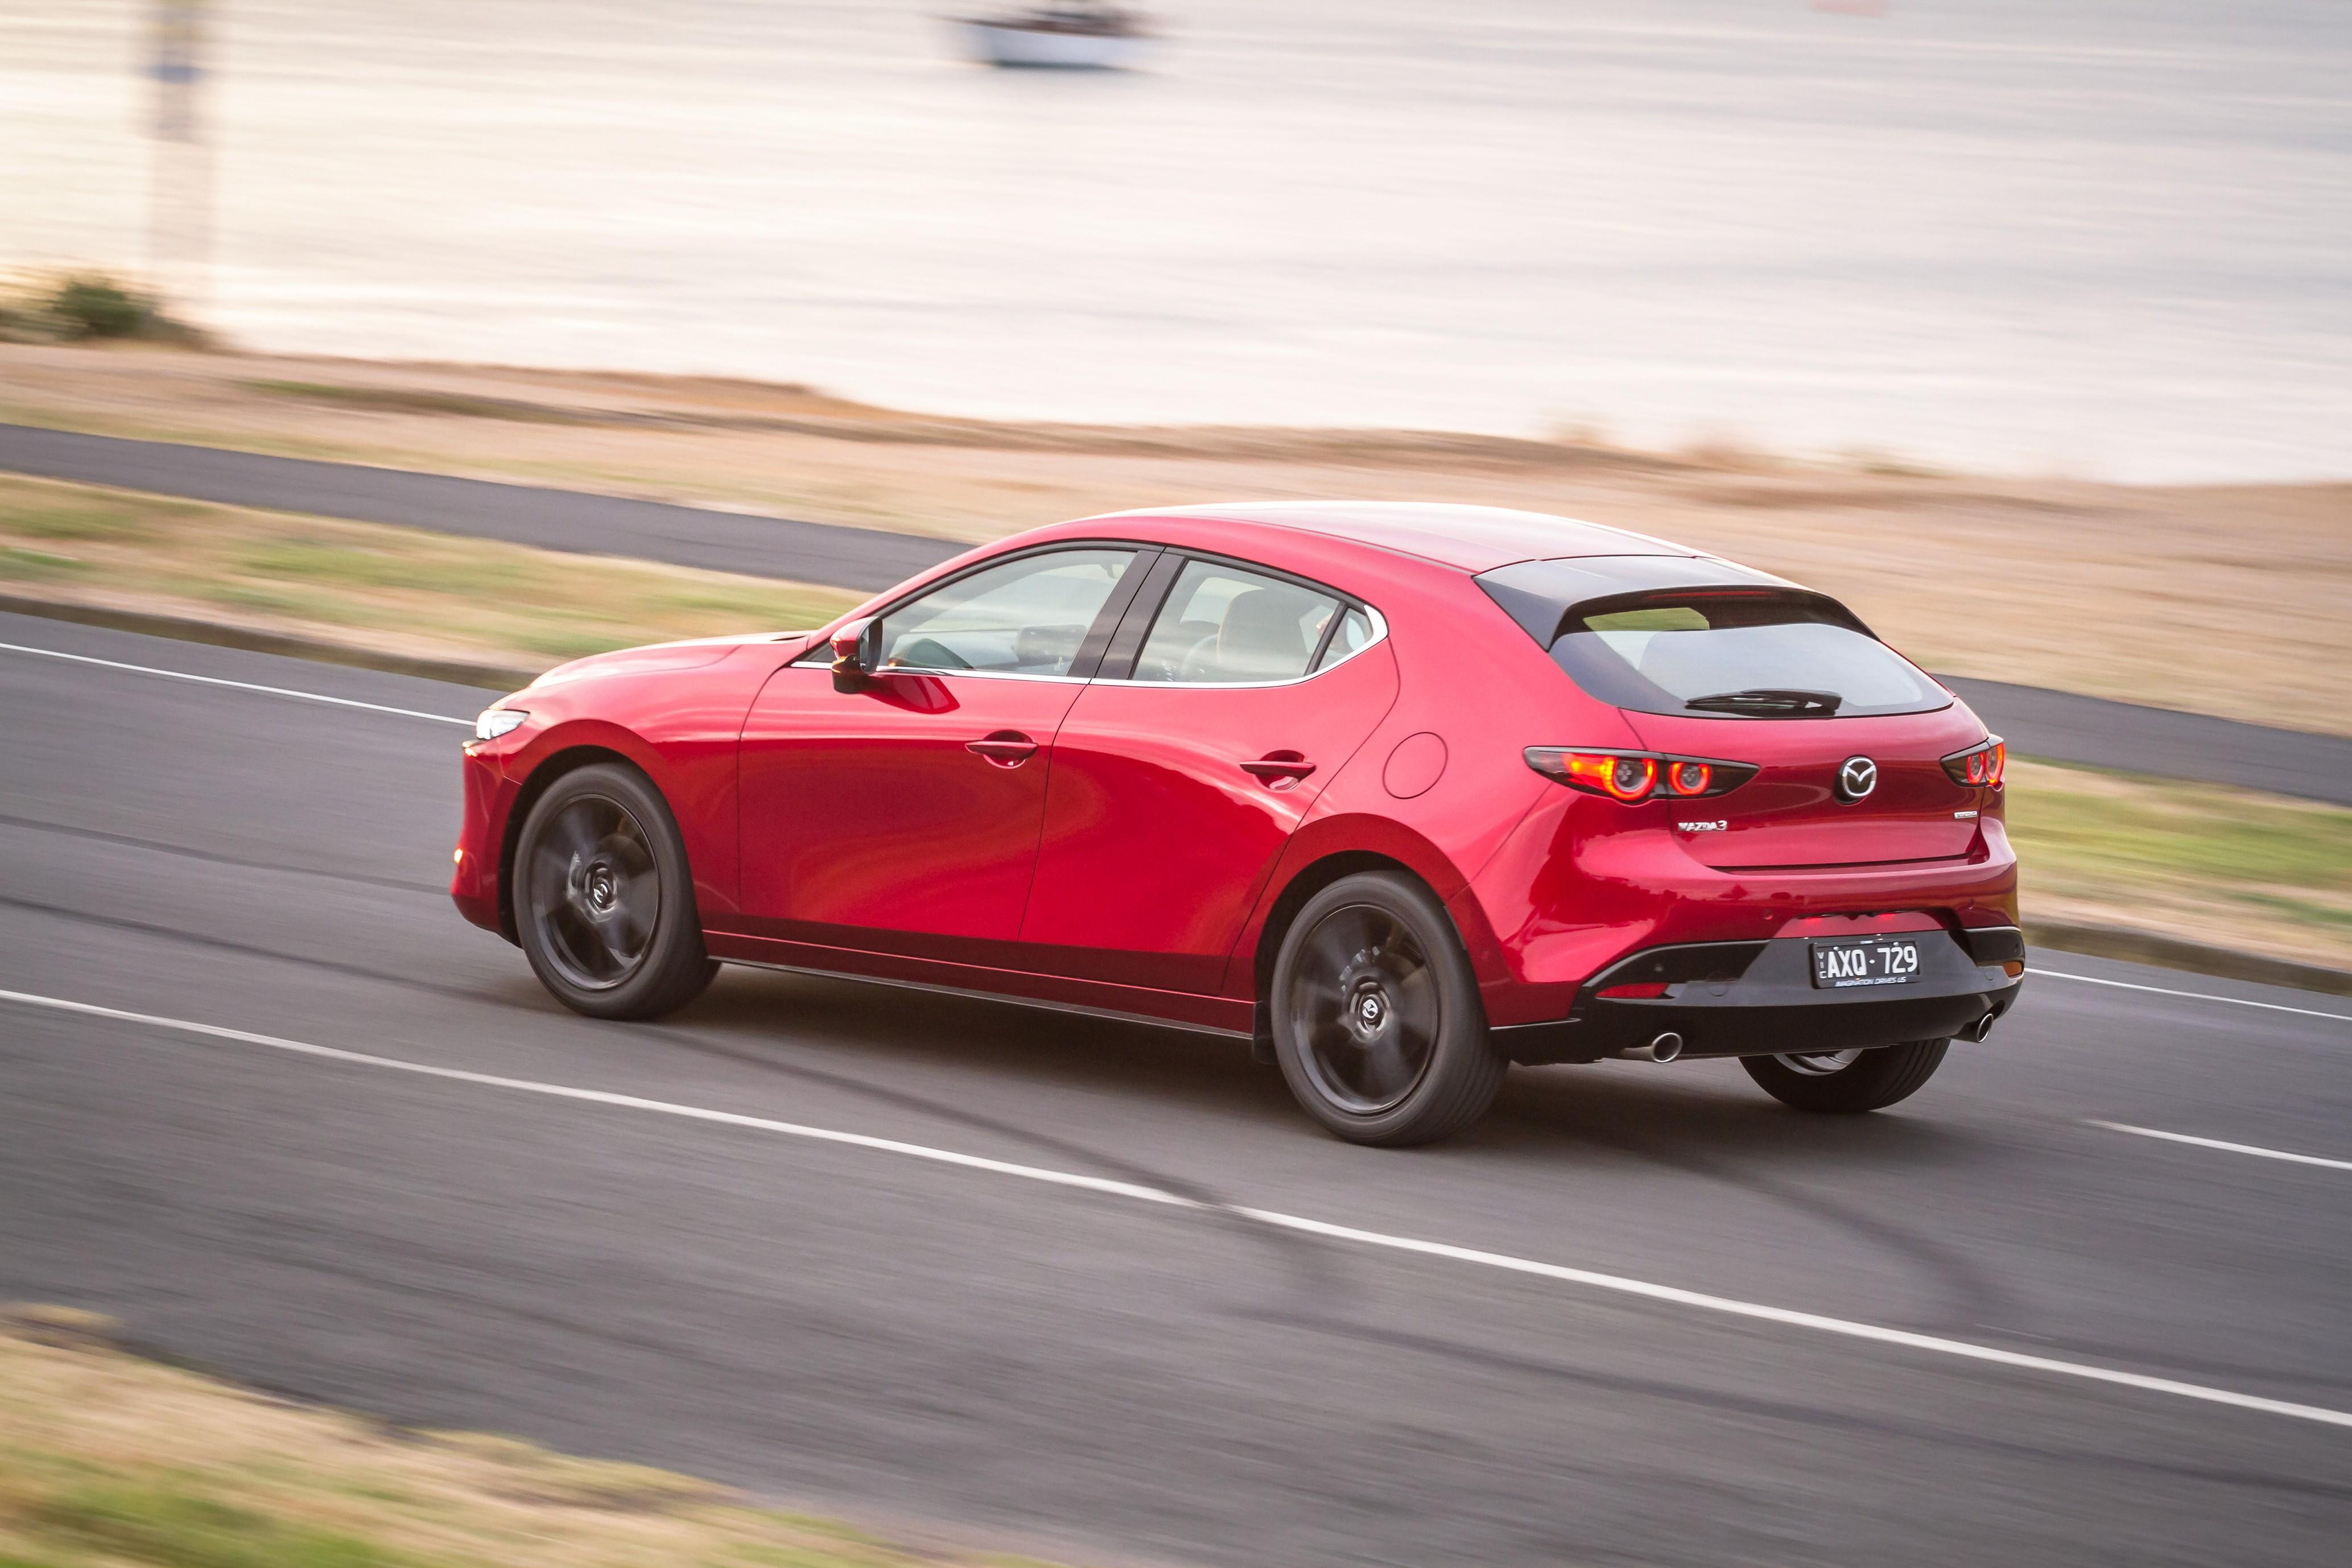 2021 Mazda 3 Specs, Price & Release Date >> New Mazda Ev Confirmed For 2020 Phev Models Coming In 2021